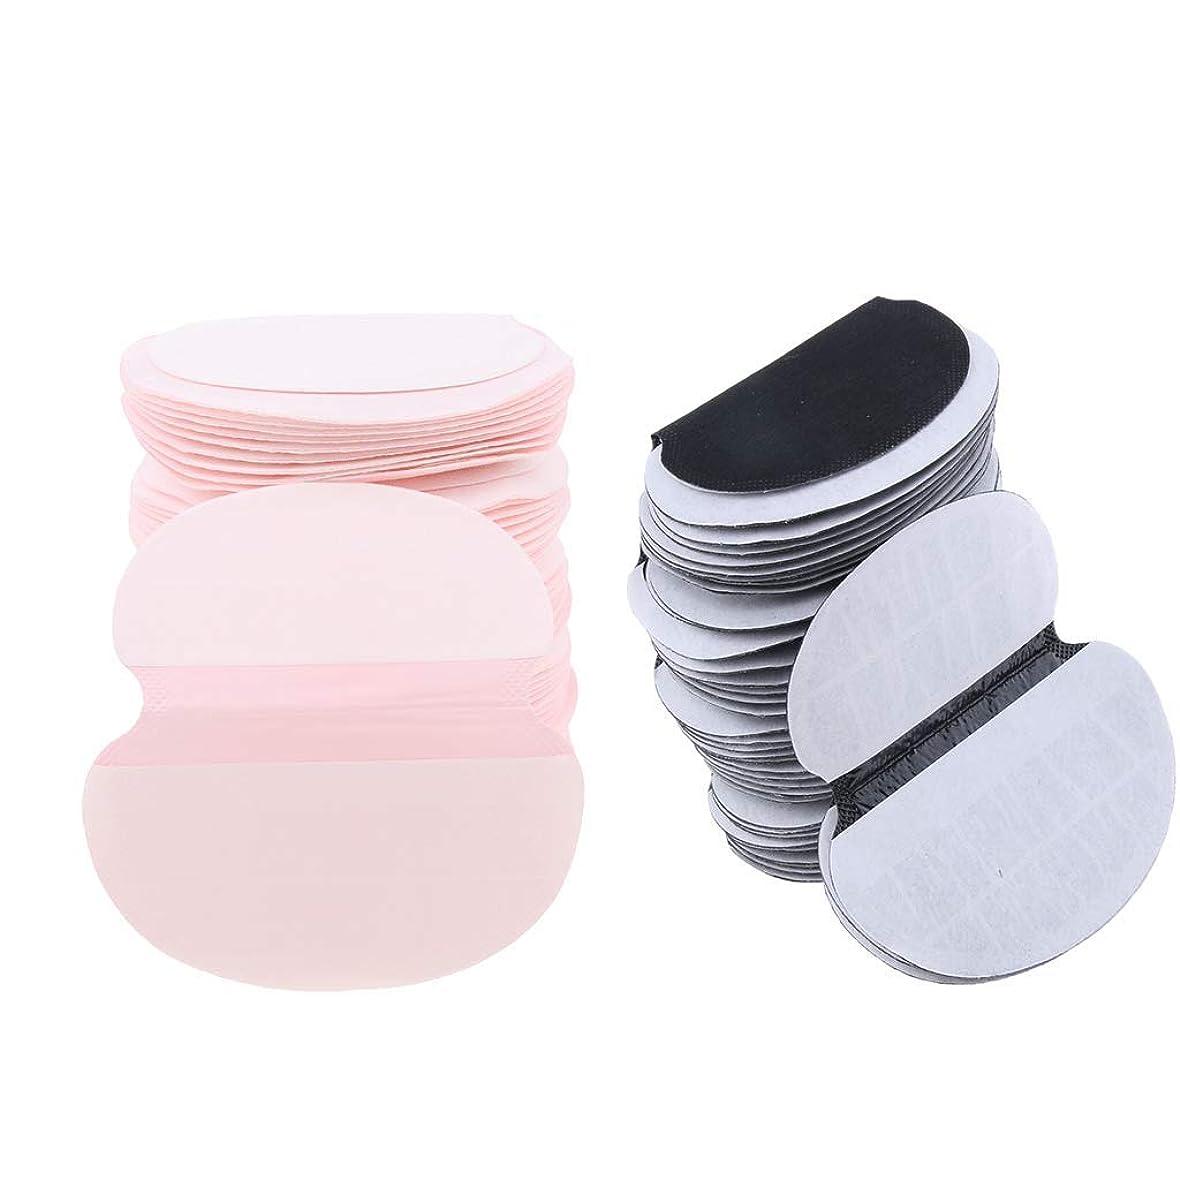 冷酷な小売適合するPerfeclan 約100個 脇汗パッド 脇の下ガード 使い捨て 男女用 あせジミ防止 ブラック ピンク